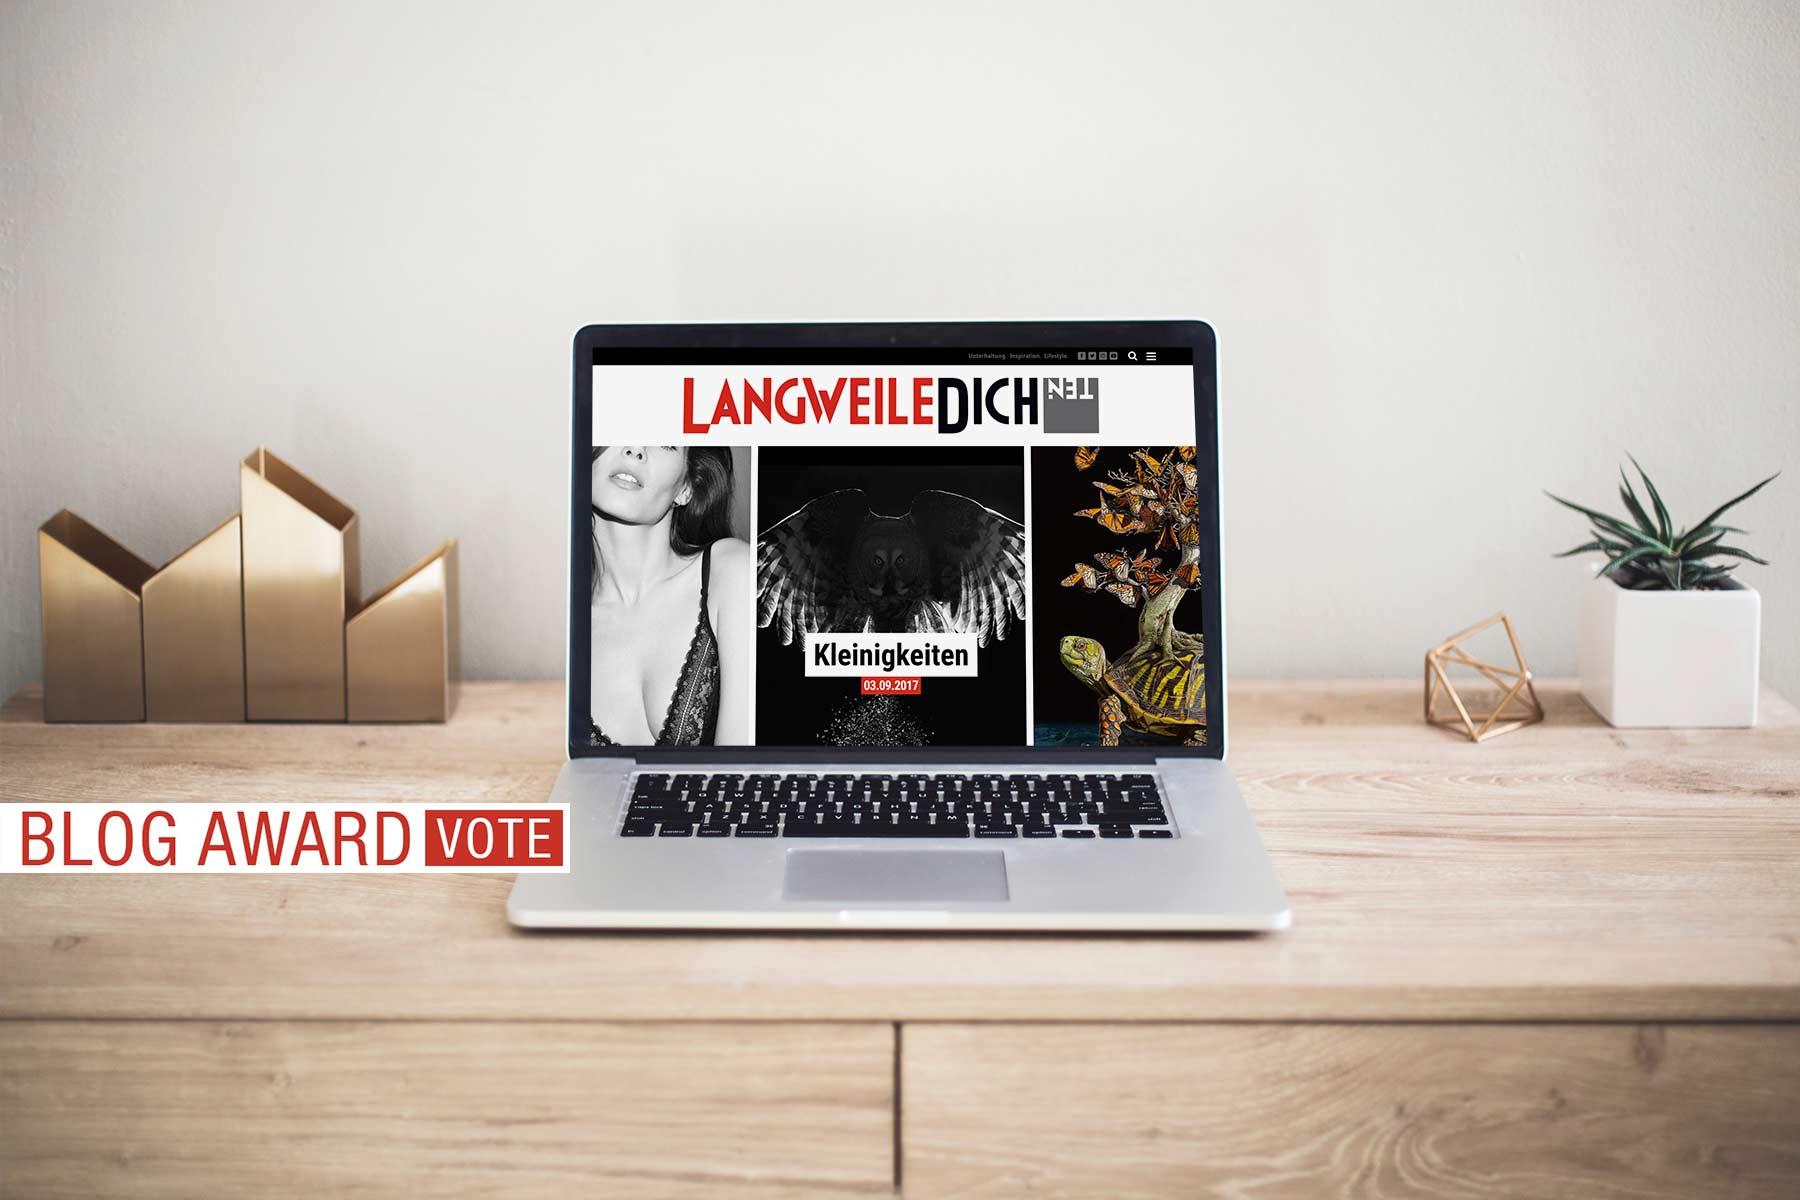 Votet für LangweileDich.net beim Blog Award 2017 Blog-Award-2017-Publikumsvoting_01